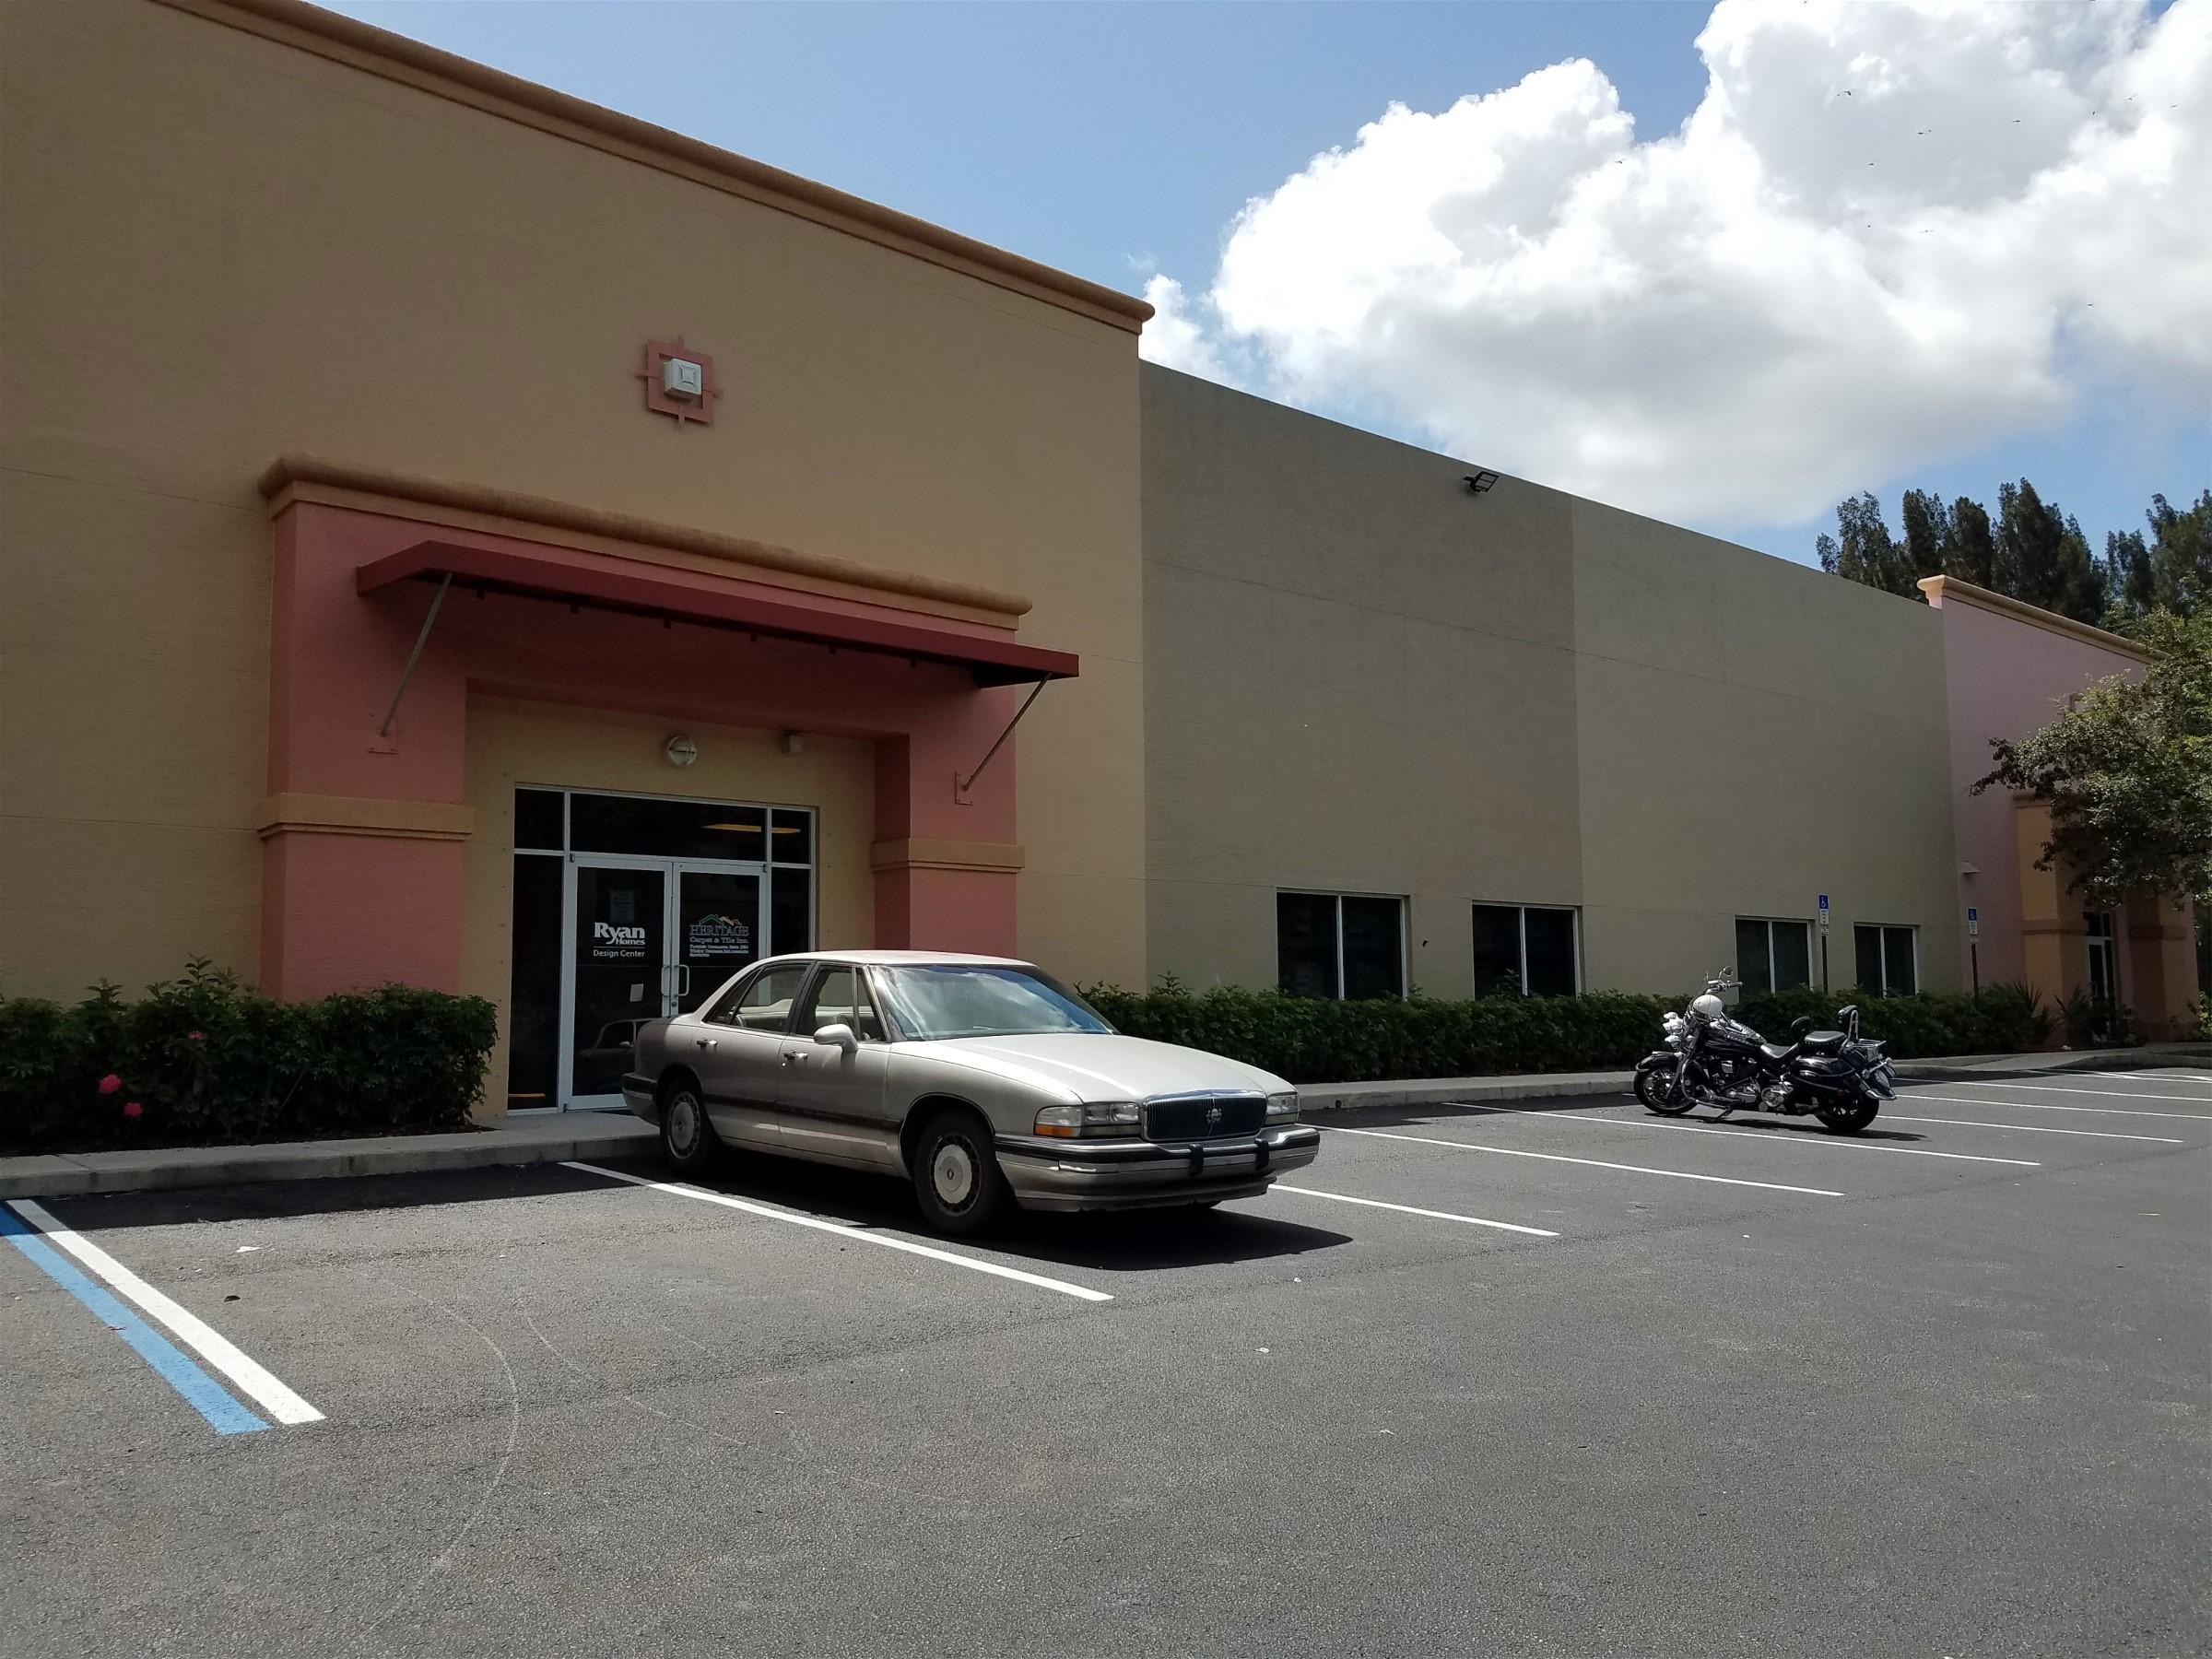 819 S Kings Unit D-110, Fort Pierce, Florida 34945